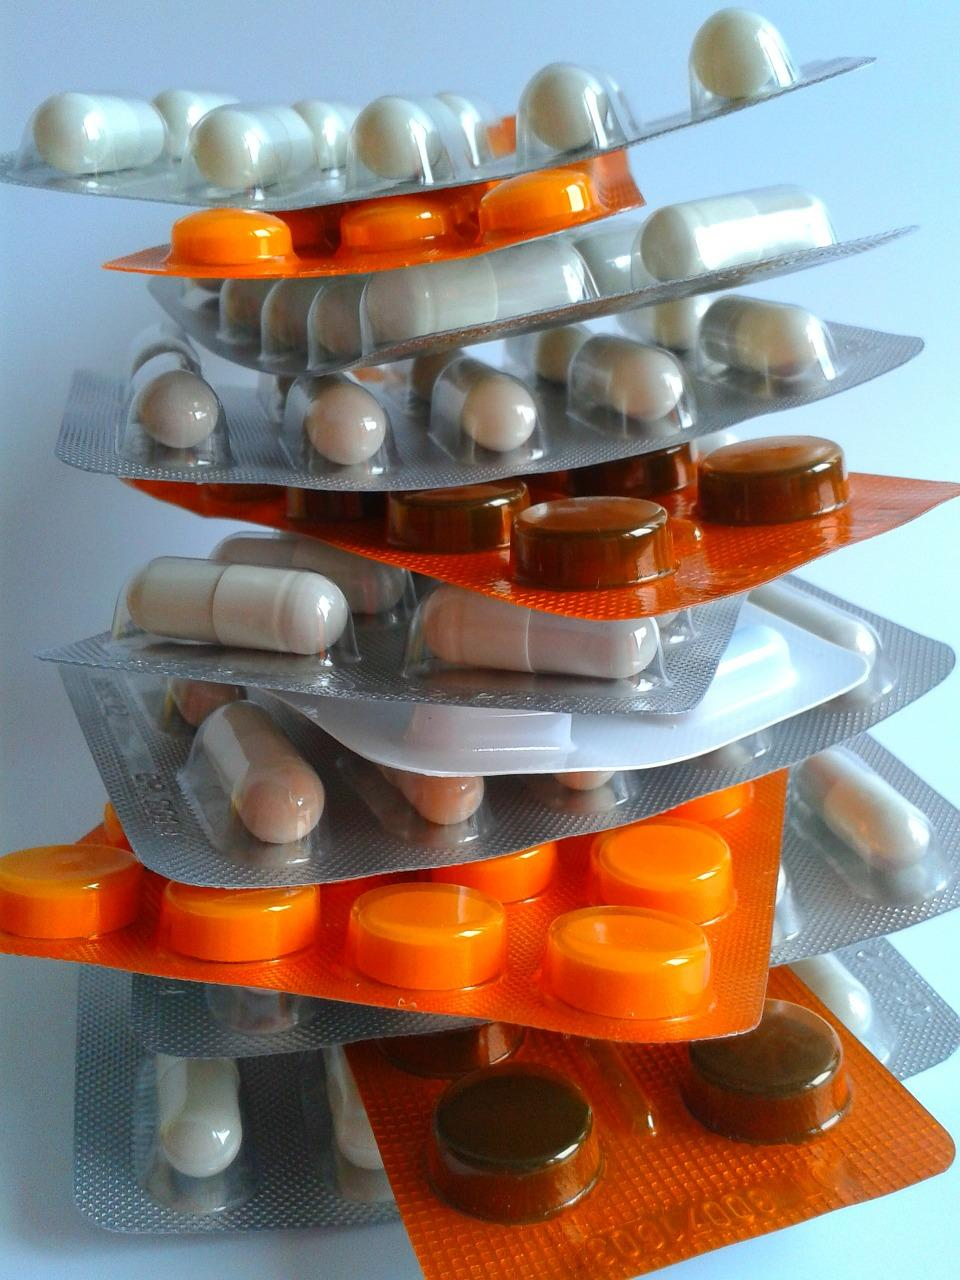 medycyna-farmacja-tabletki-apteka